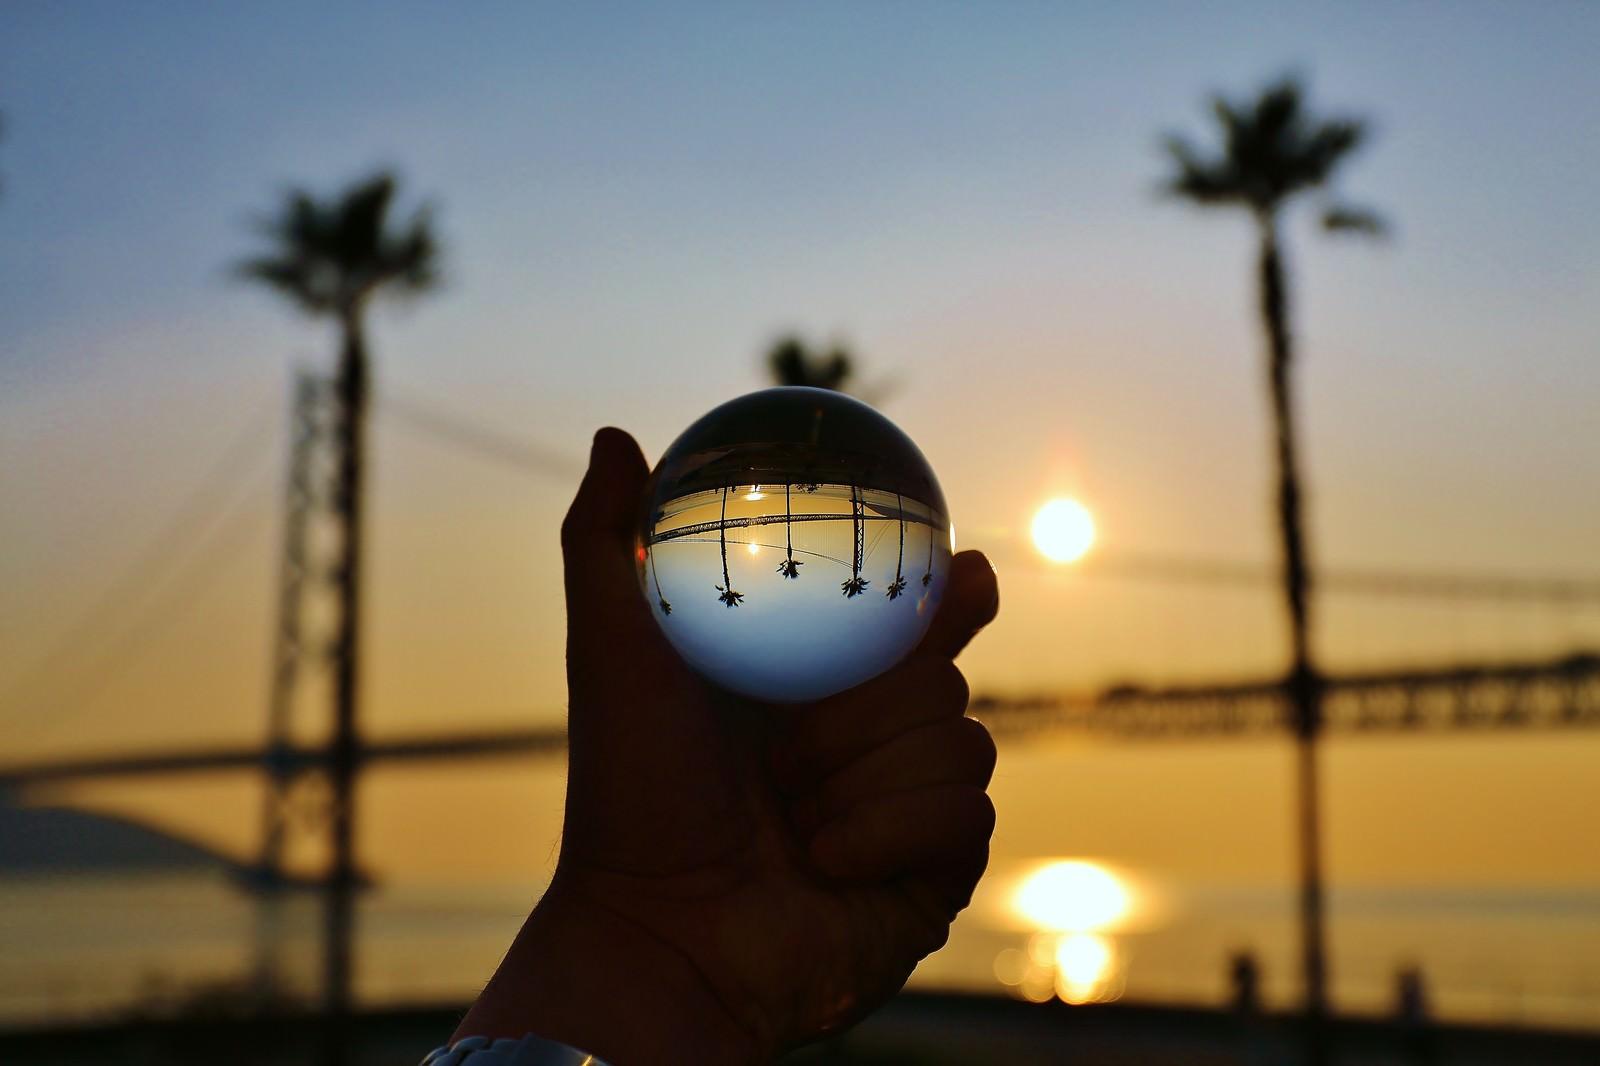 「ヤシの木と水晶玉」の写真